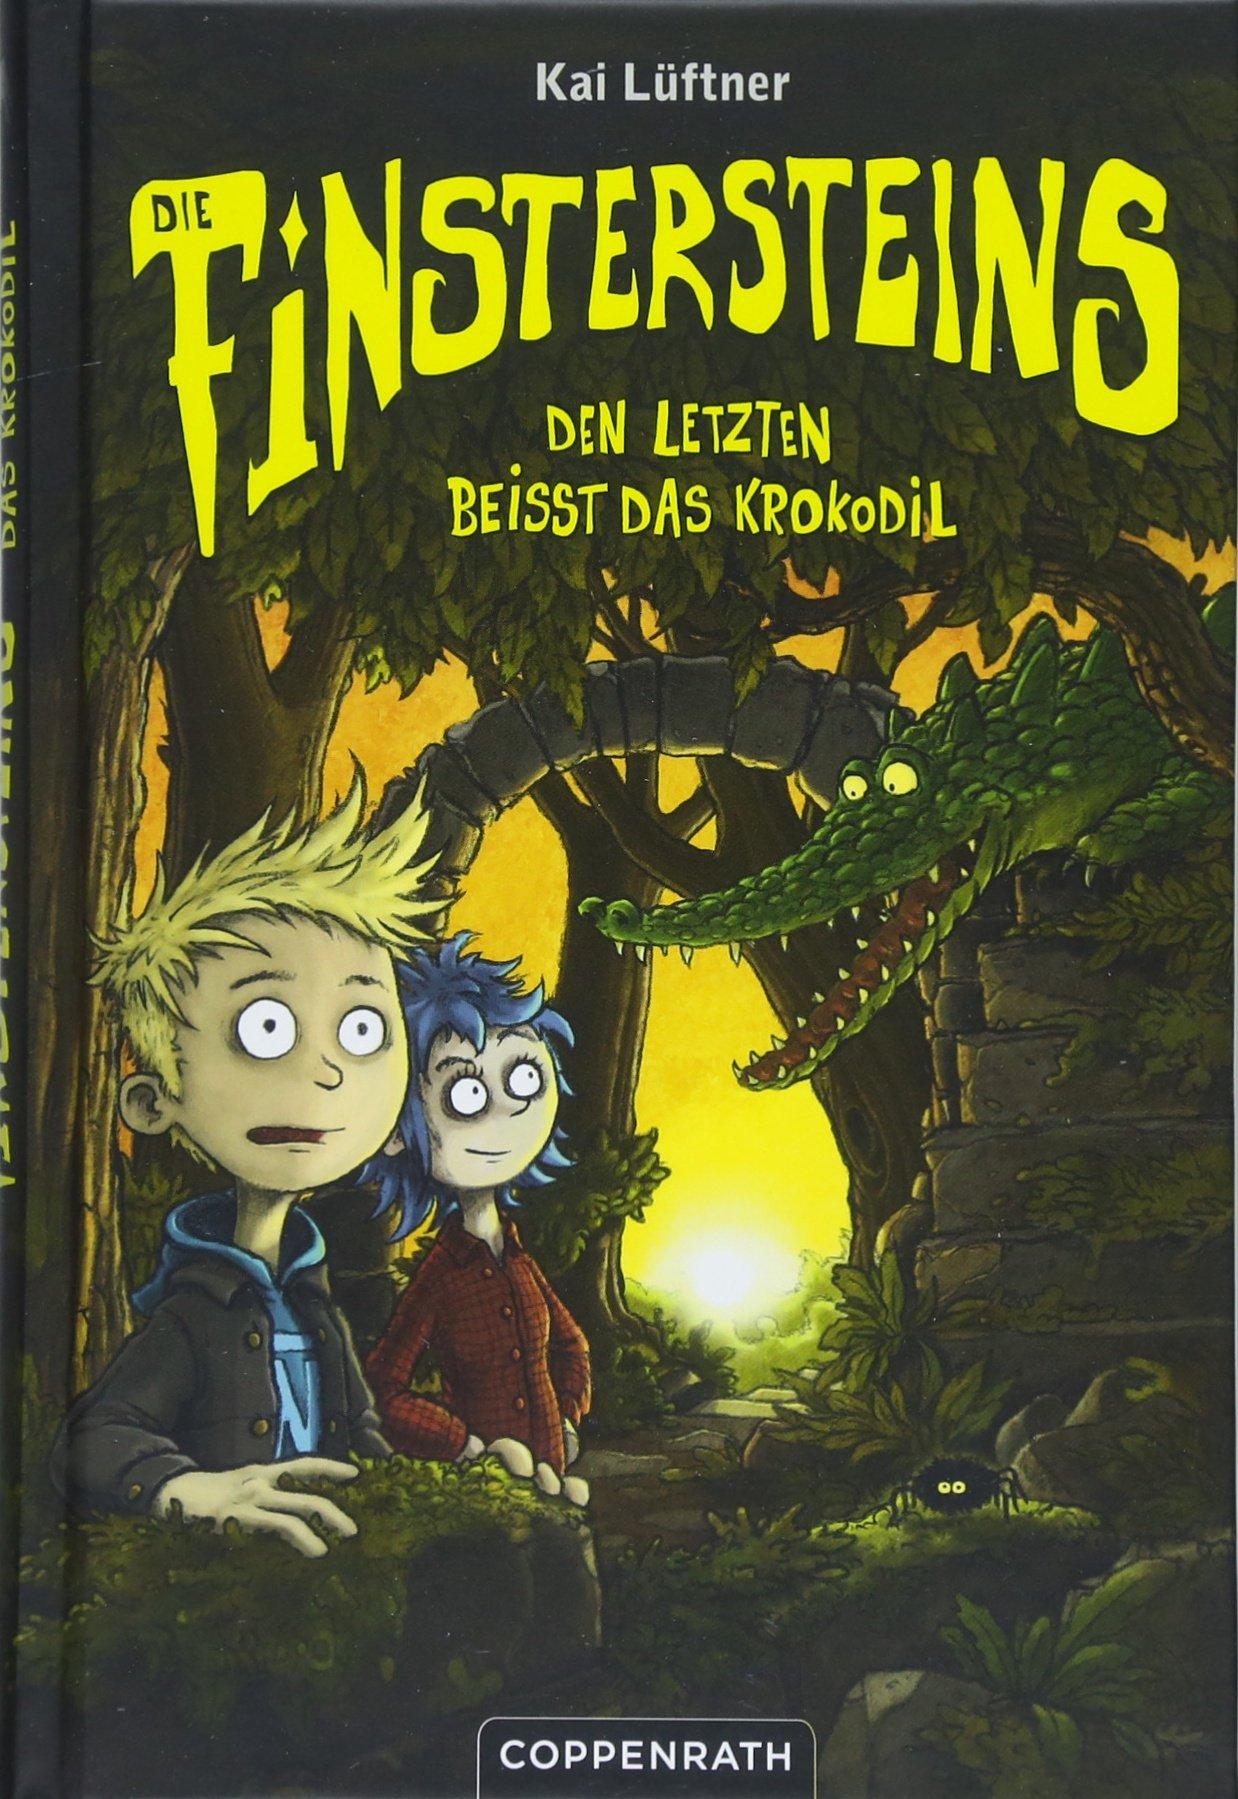 Die Finstersteins (Bd. 3): Den Letzten beißt das Krokodil